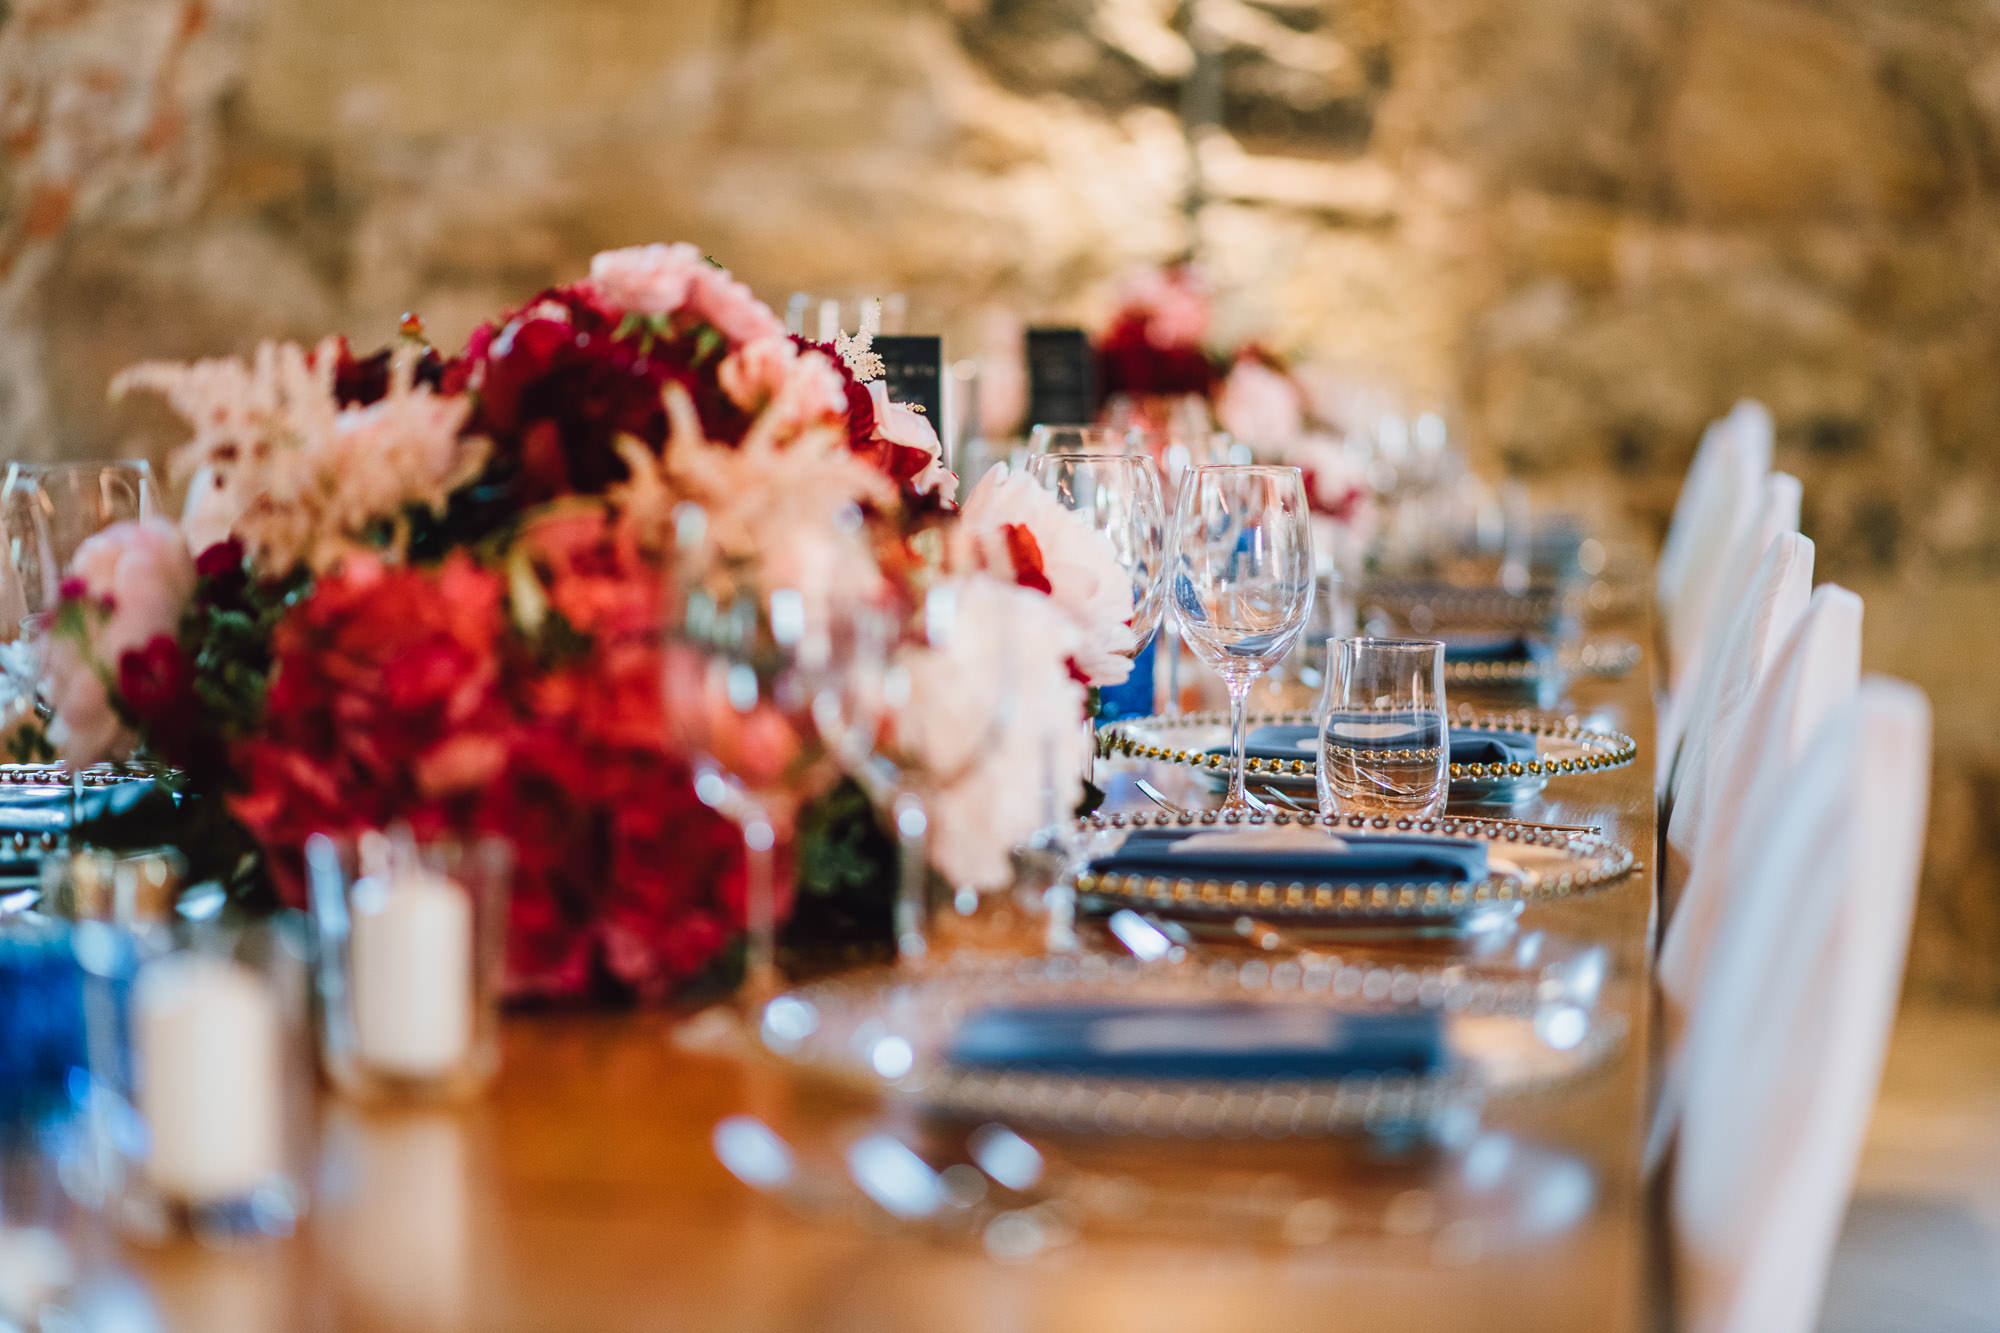 rustic-elegant-wedding-schloss-hochzeit-eyrichshof-franken-bamberg-111